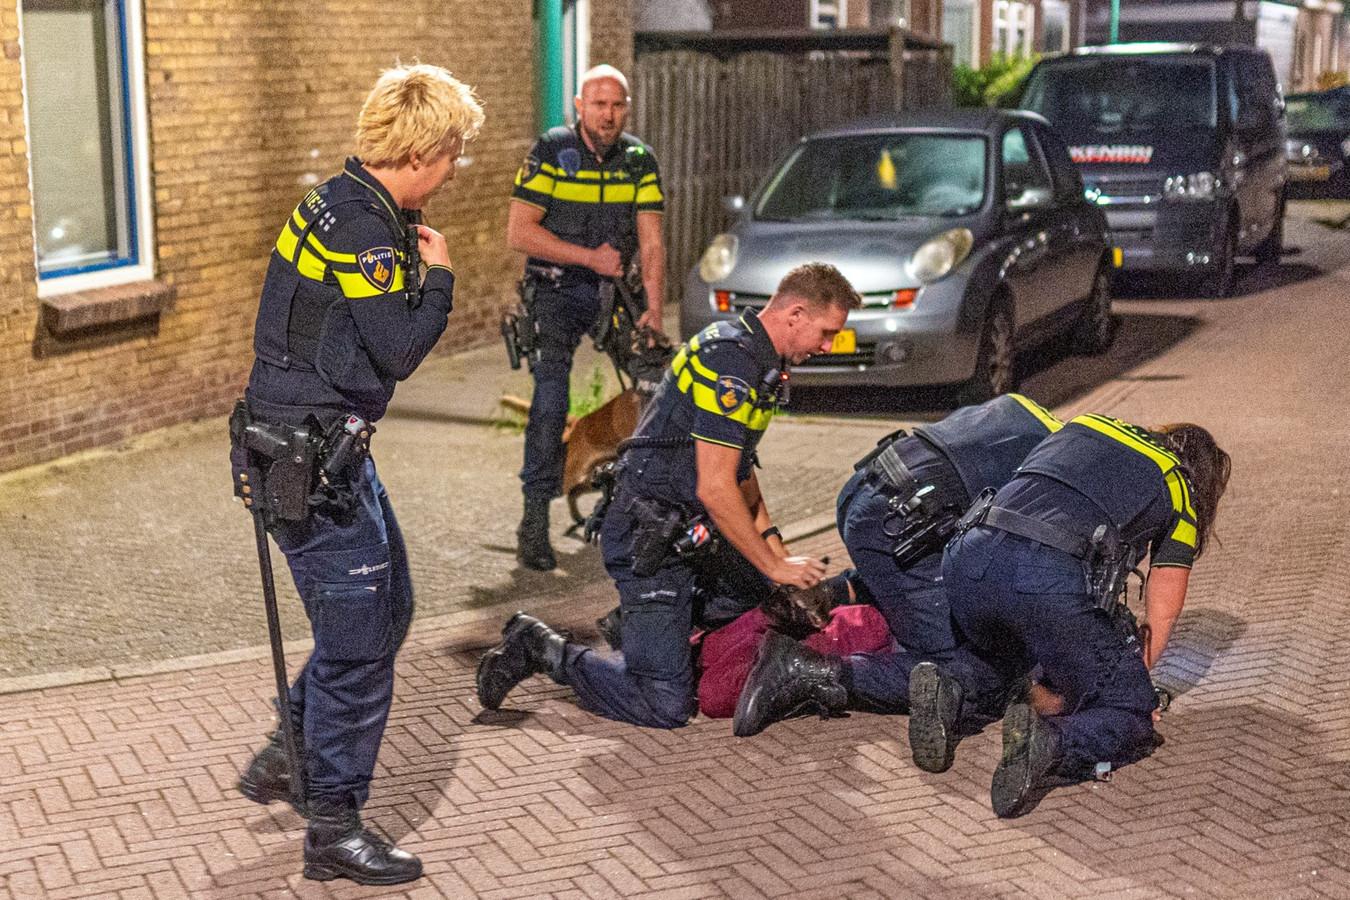 De doorgedraaide Kevin van der M. werd door agenten tegen de vlakte gewerkt.